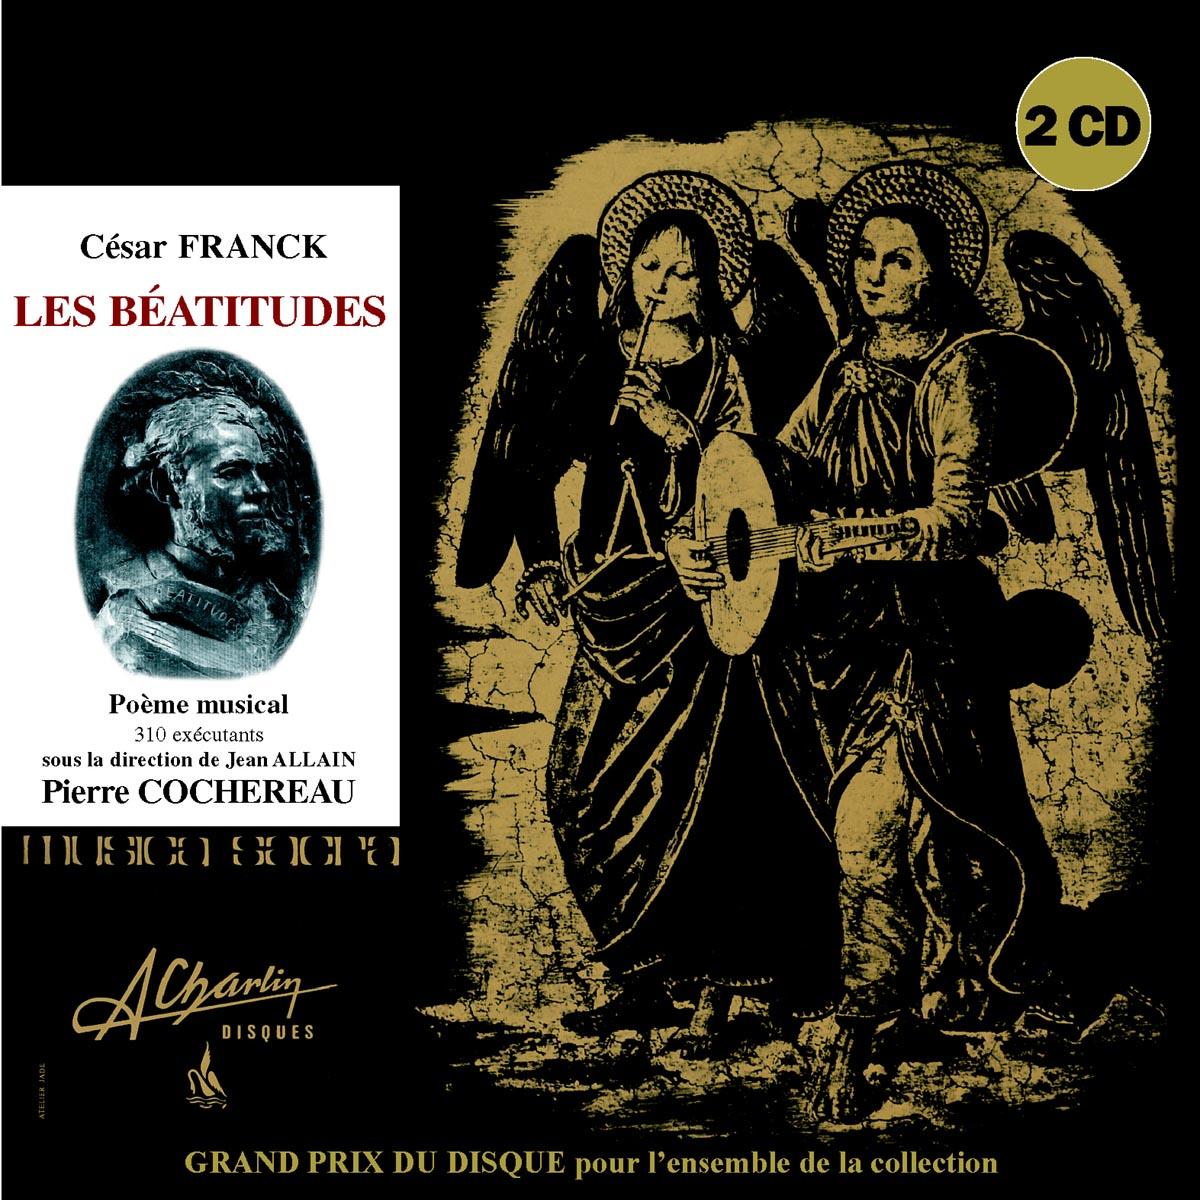 César FRANCK 2 CDs - CL 240